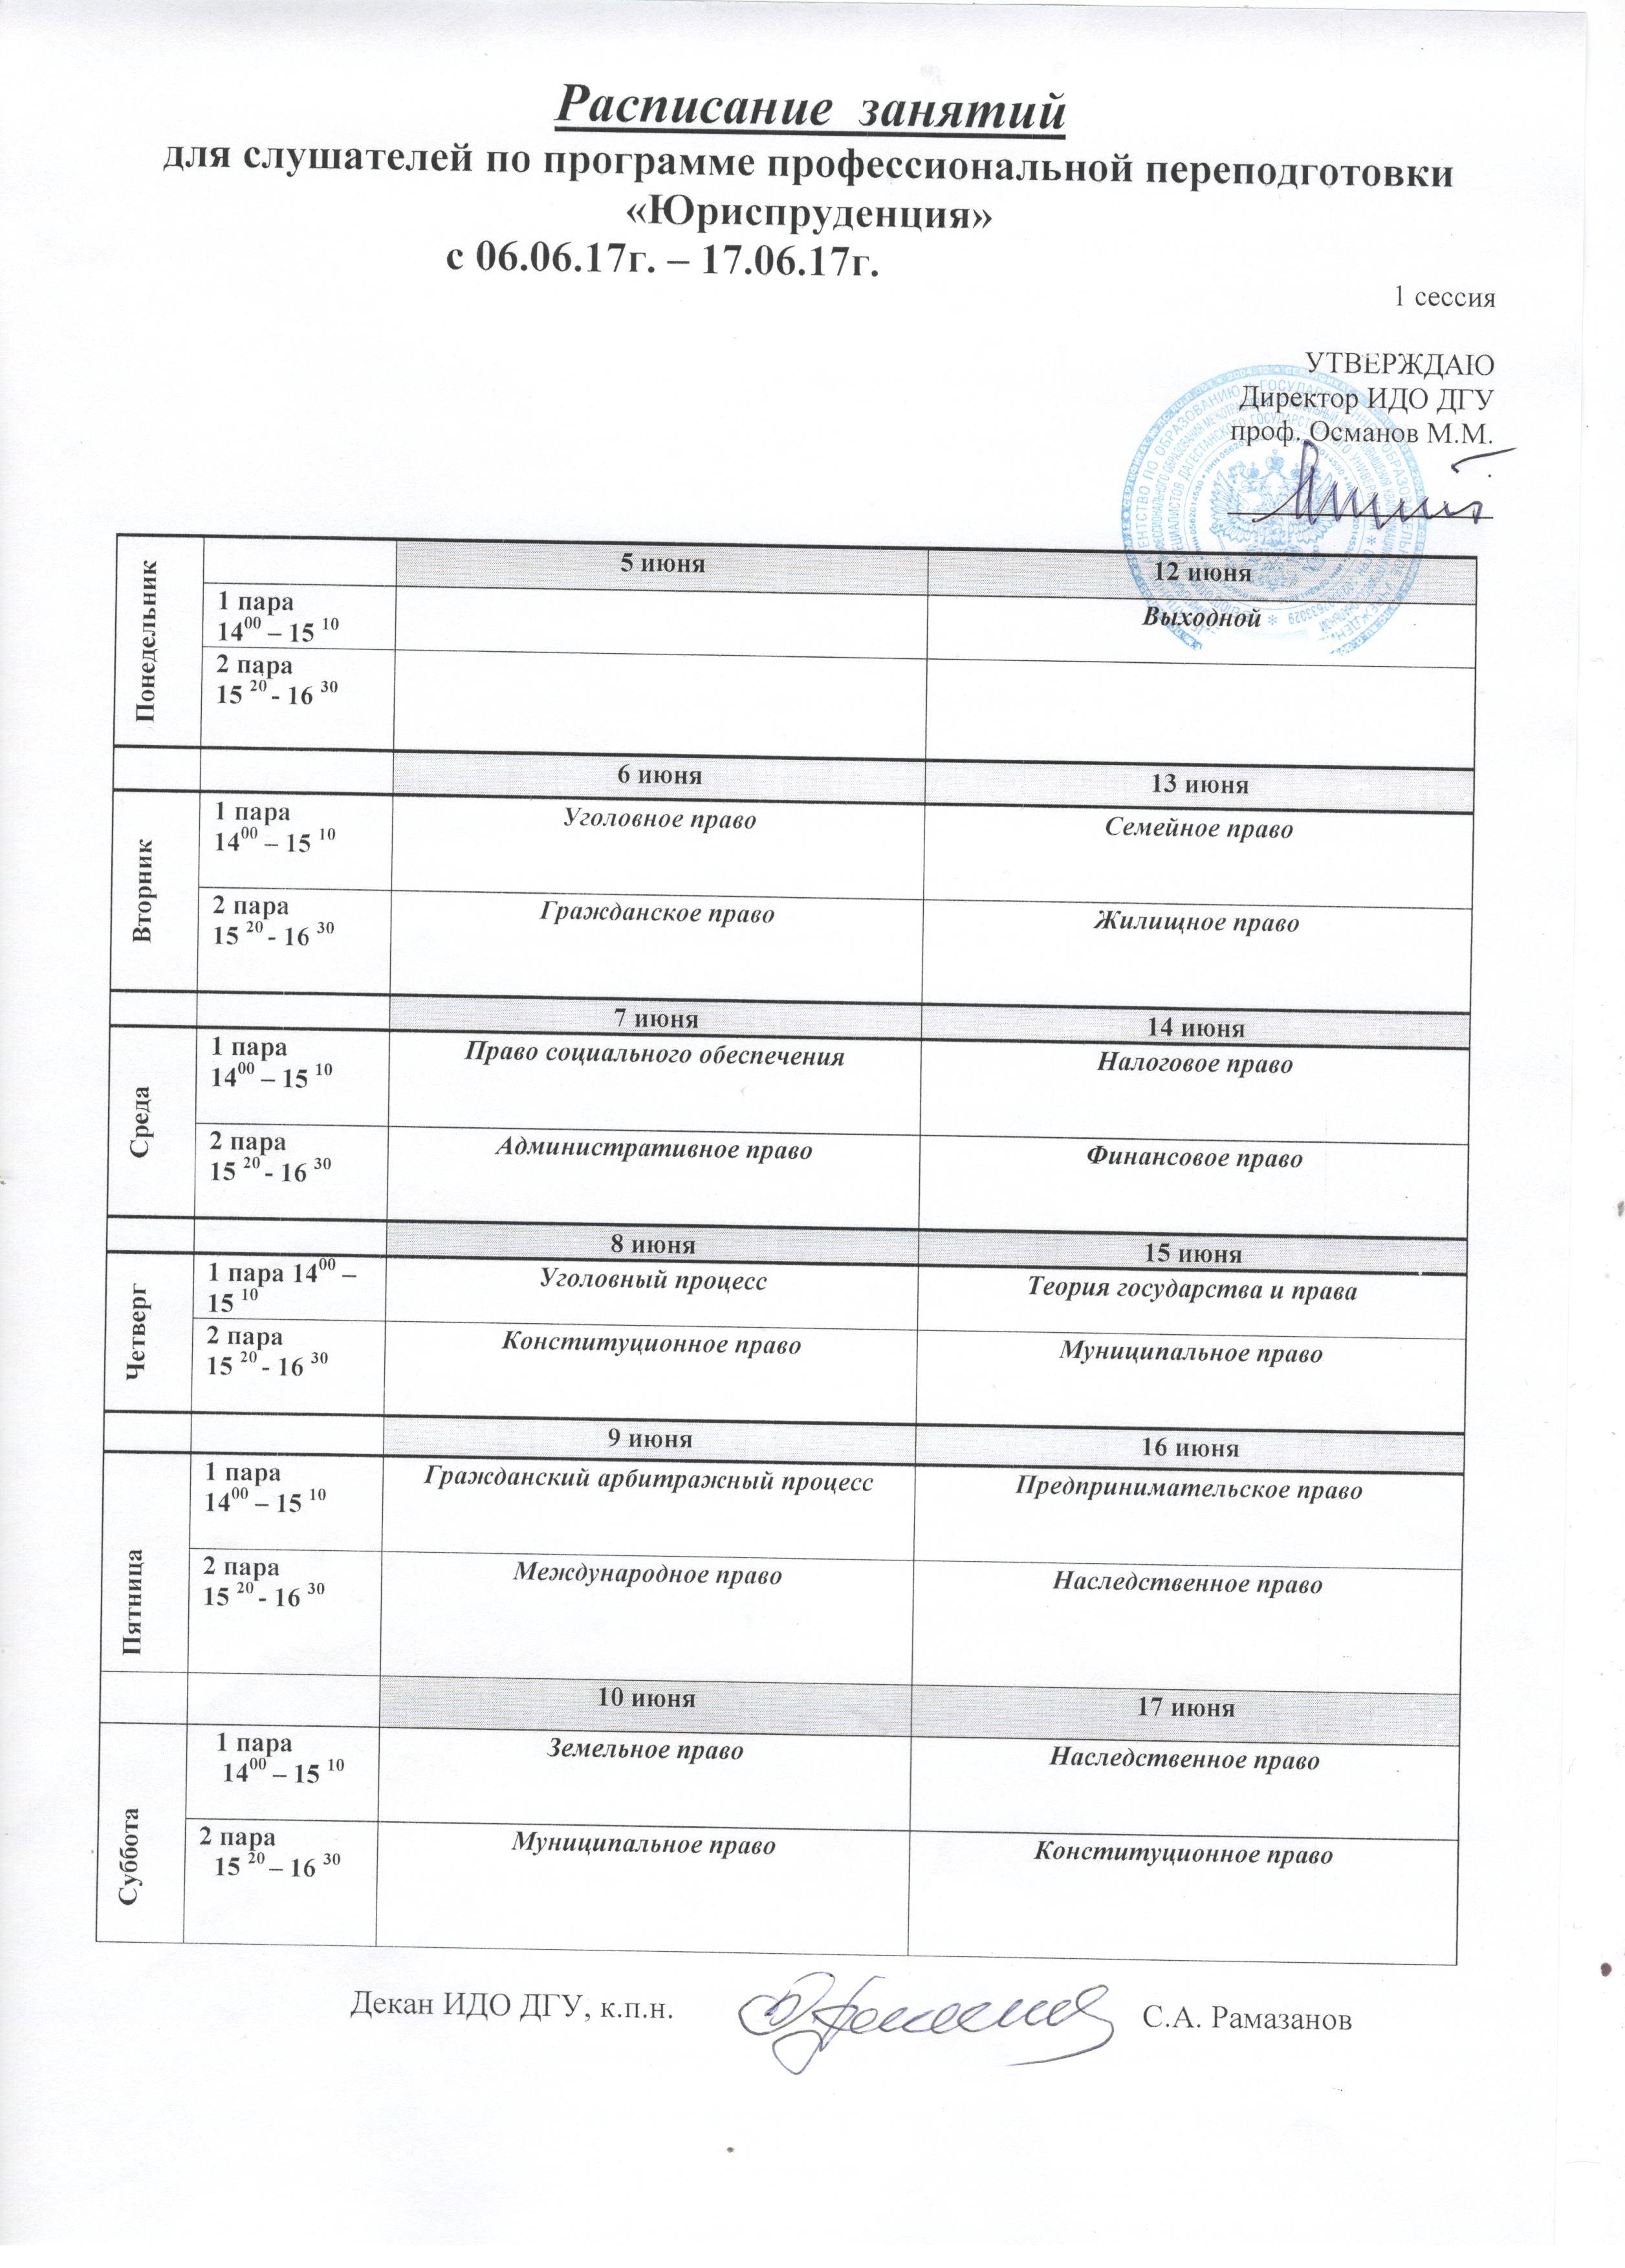 Программа дополнительных занятий по истории россии